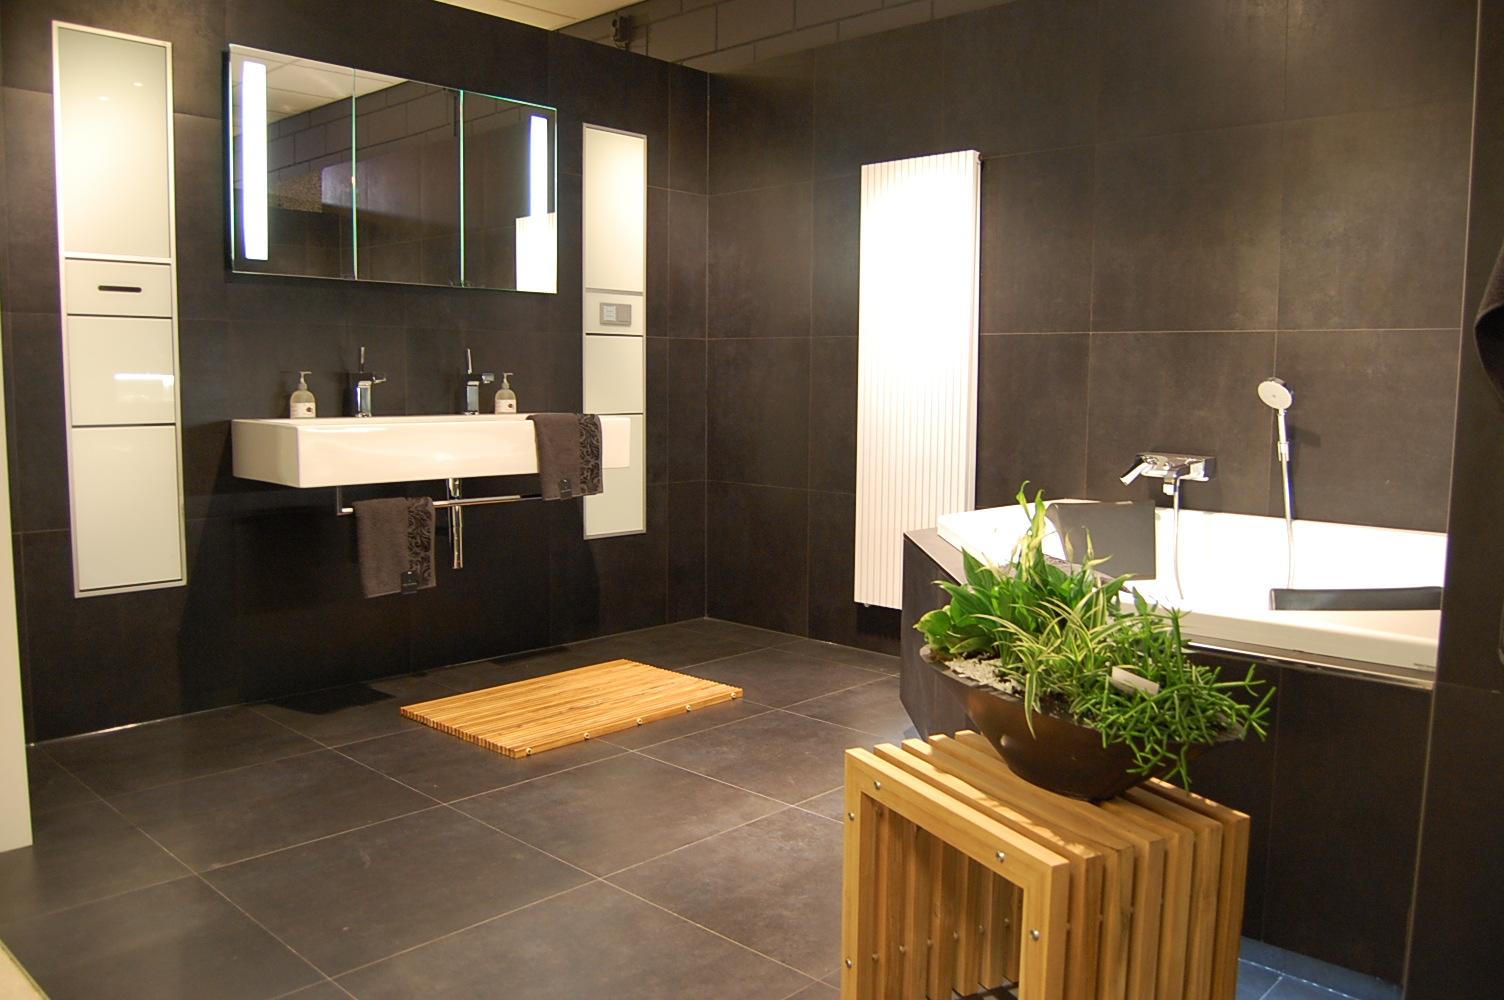 Maatvoering Miva Badkamer : Lichtplan badkamer best img img img with lichtplan badkamer